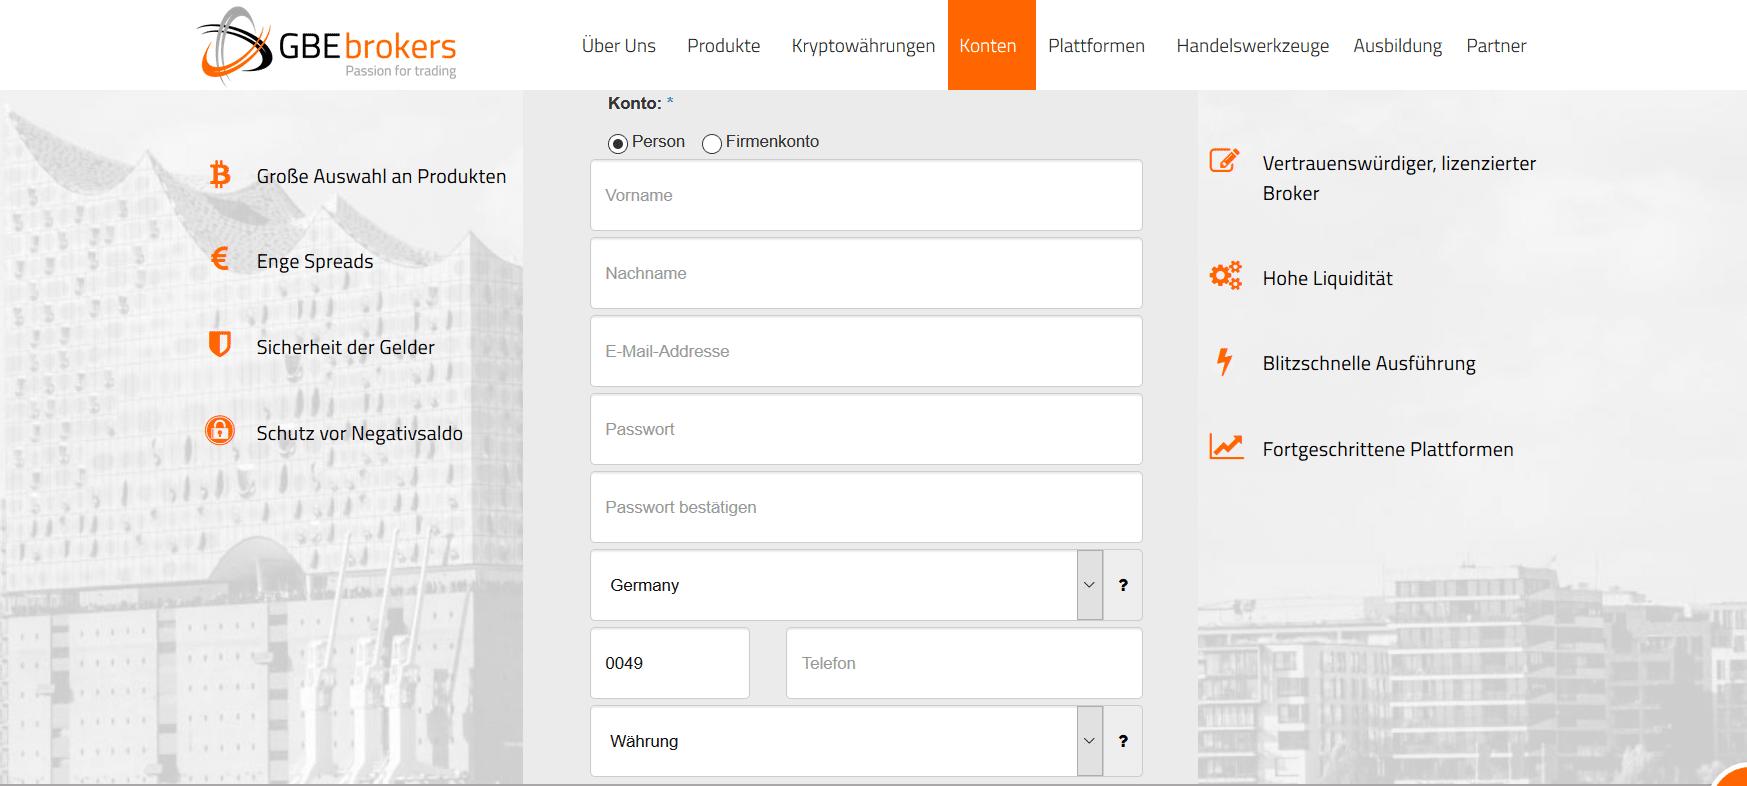 Teil eins des Online-Formulars zur Anmeldung eines Live-Kontos von GBE brokers